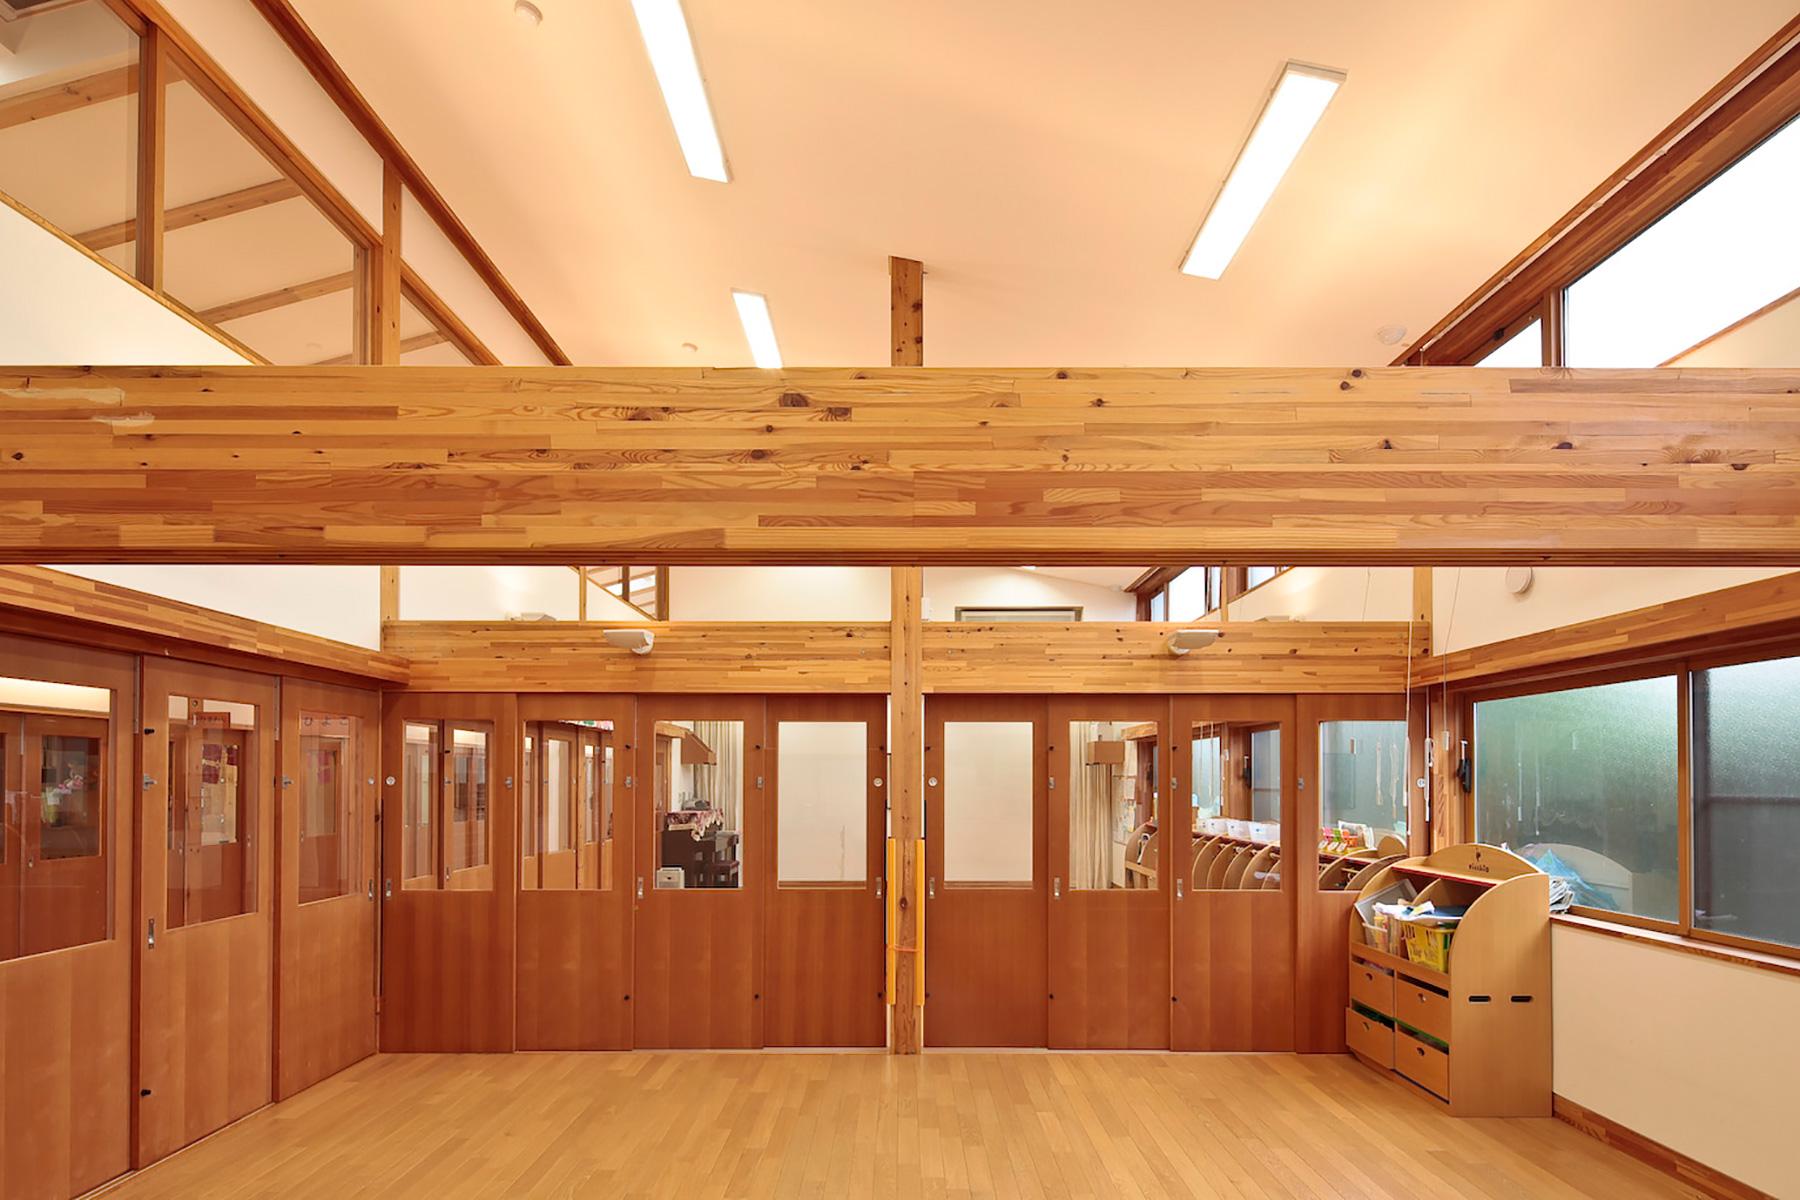 中大規模木造に関連する防耐火構造の考え方と関連法規 -